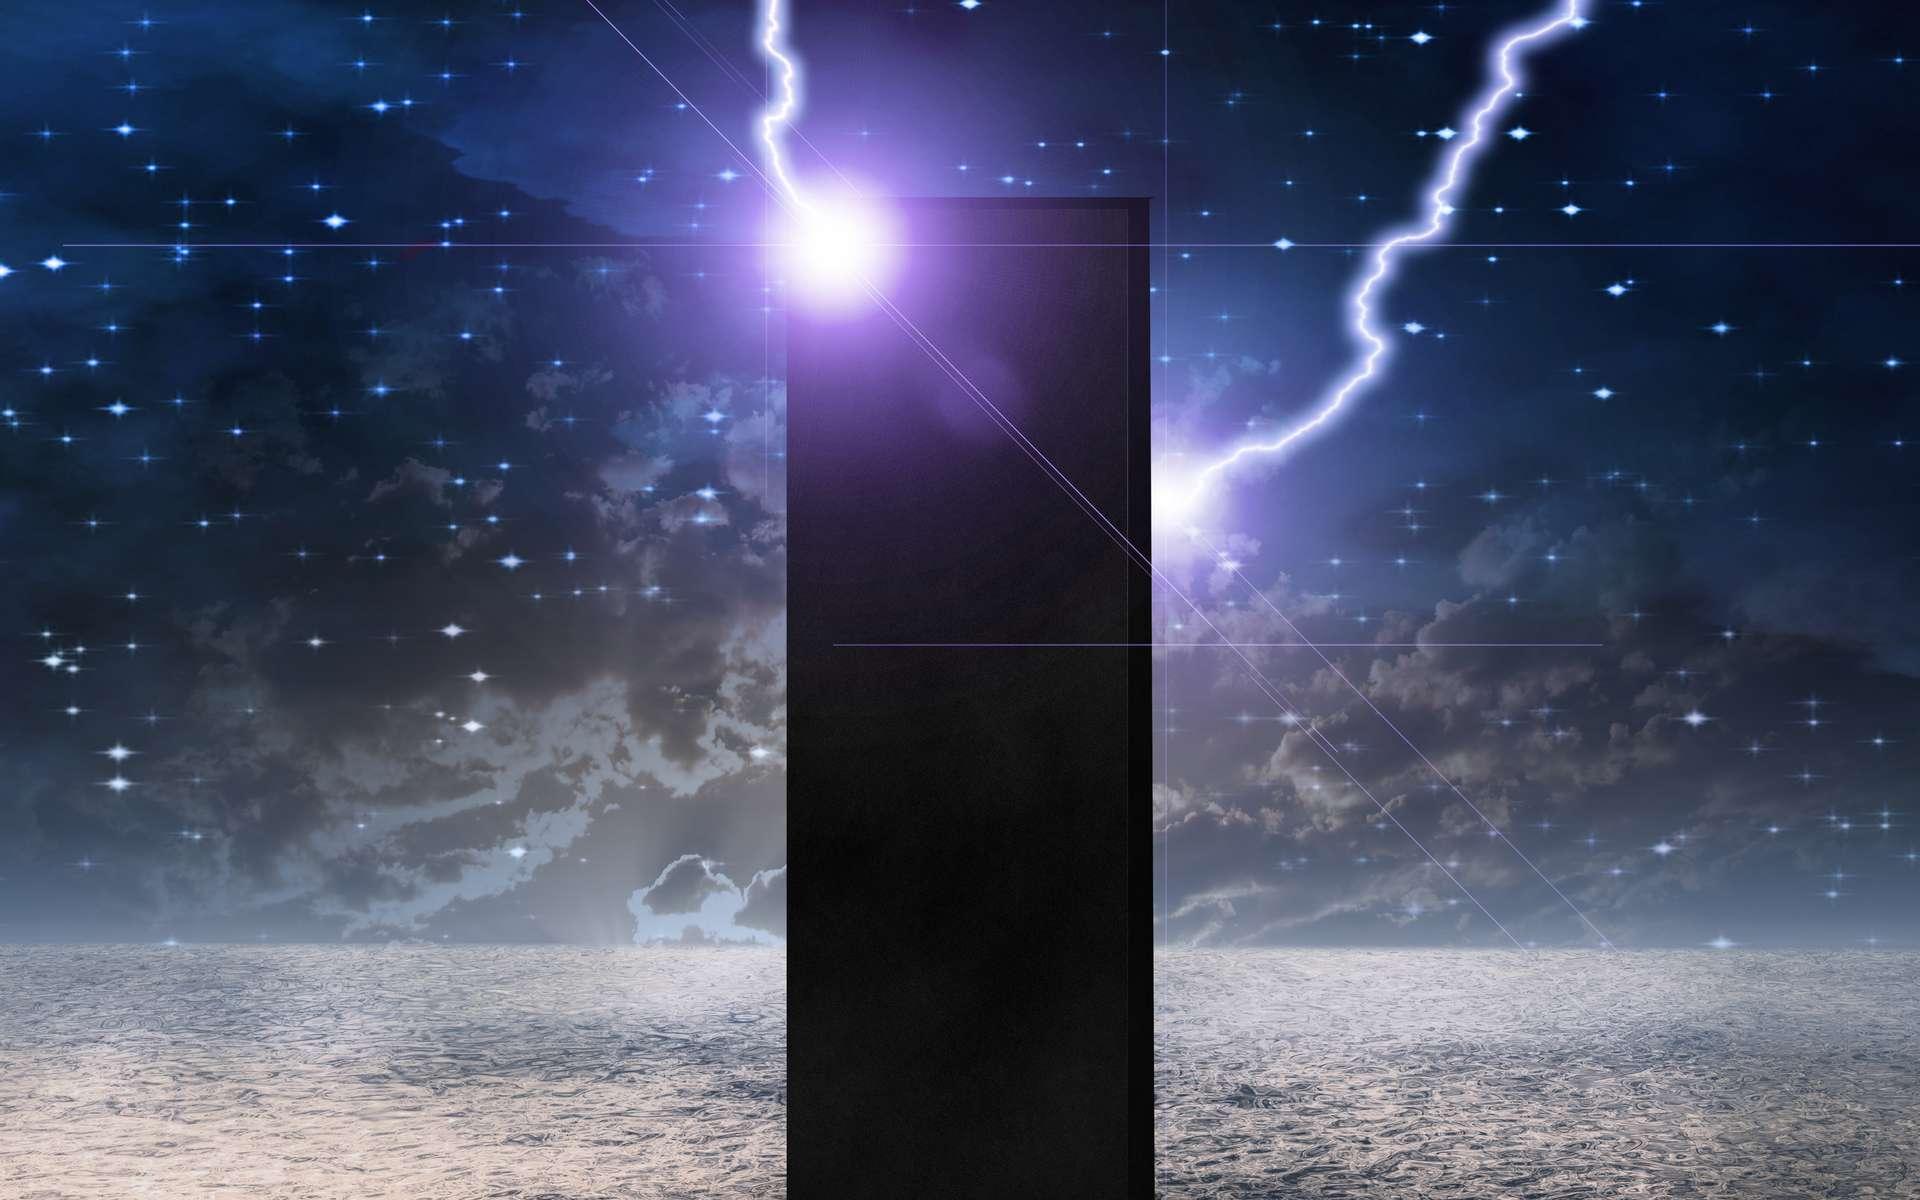 Au lever du jour lunaire, le monolithe lance un signal très puissant. © rolffimages, Adobe Stock